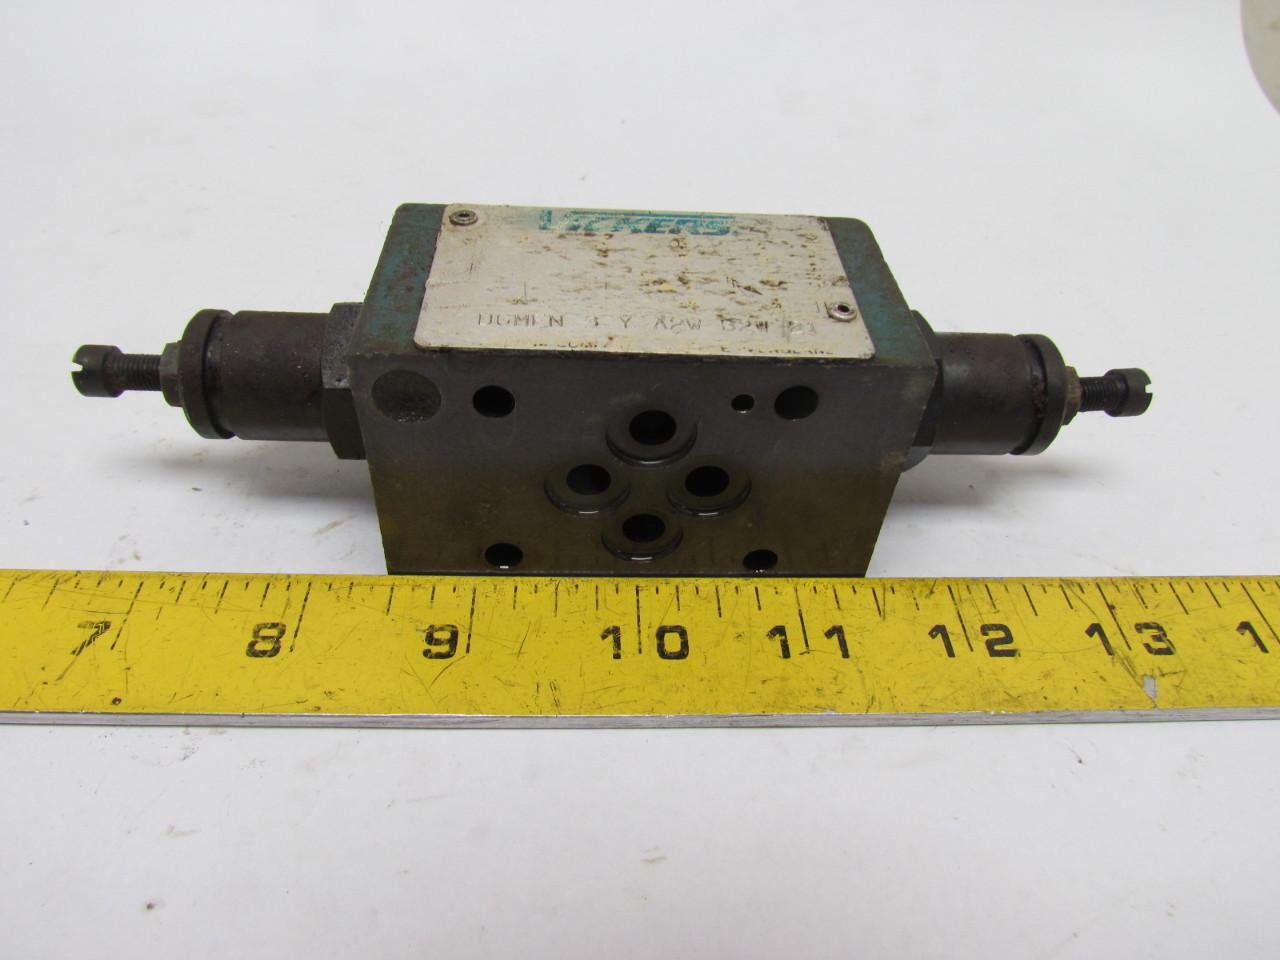 Vickers DGMFN-3-Y-A2W-B2W-21 Hydraulic Flow Control Valve